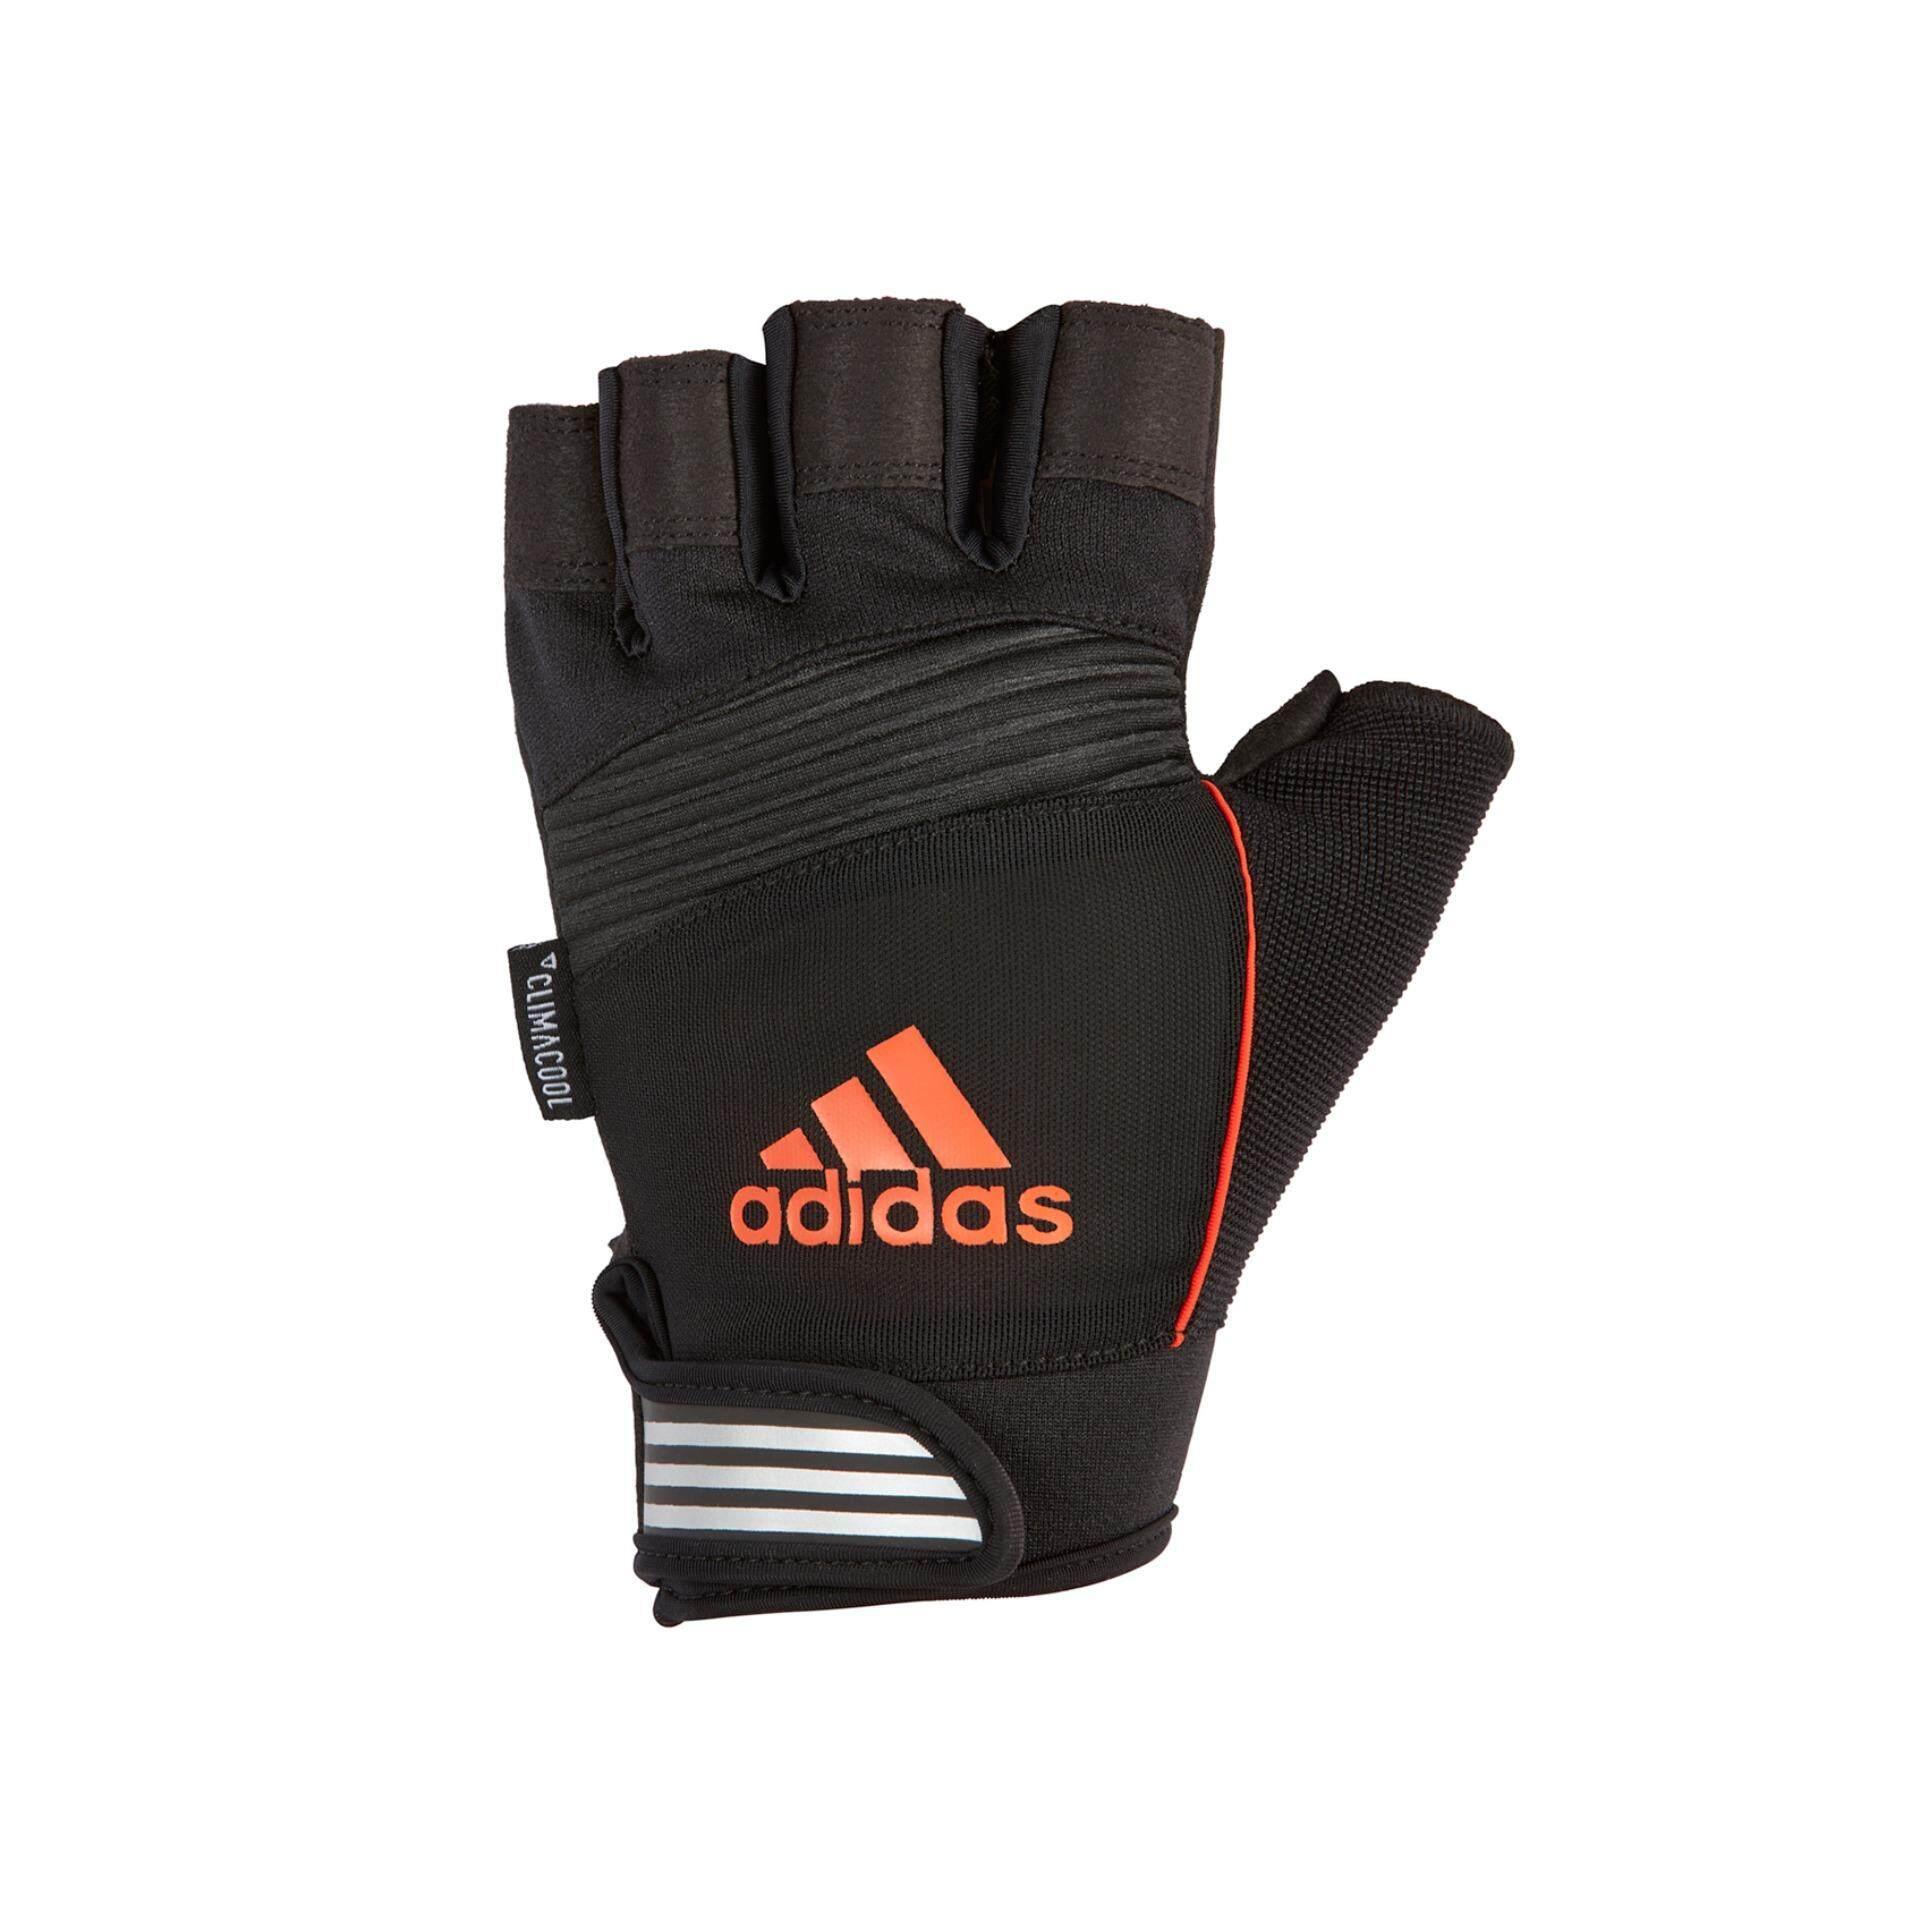 Adidas Adgb 12334Or ถุงมือออกกำลังกาย Performance Gloves สีส้ม Xl ใหม่ล่าสุด